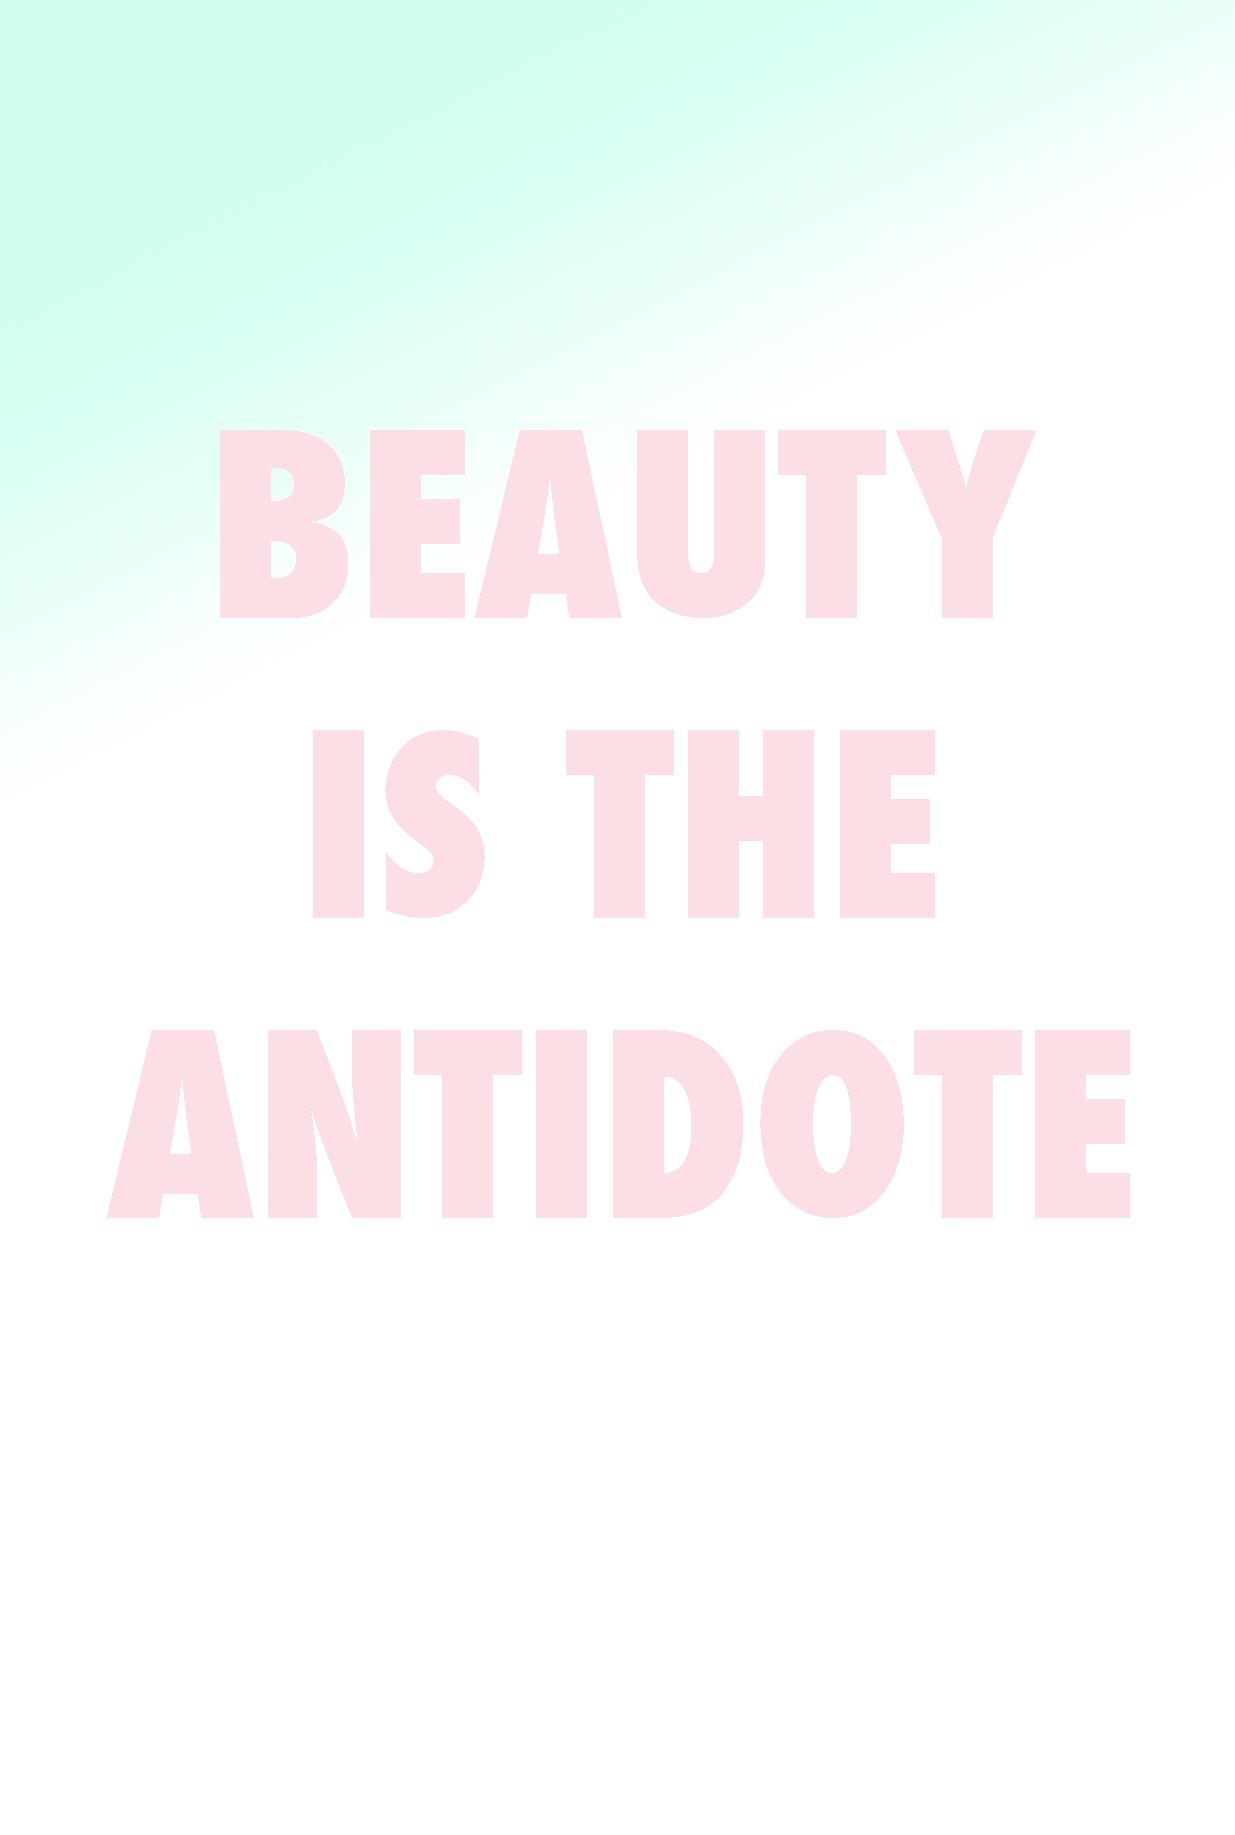 beauty_4x6.jpg